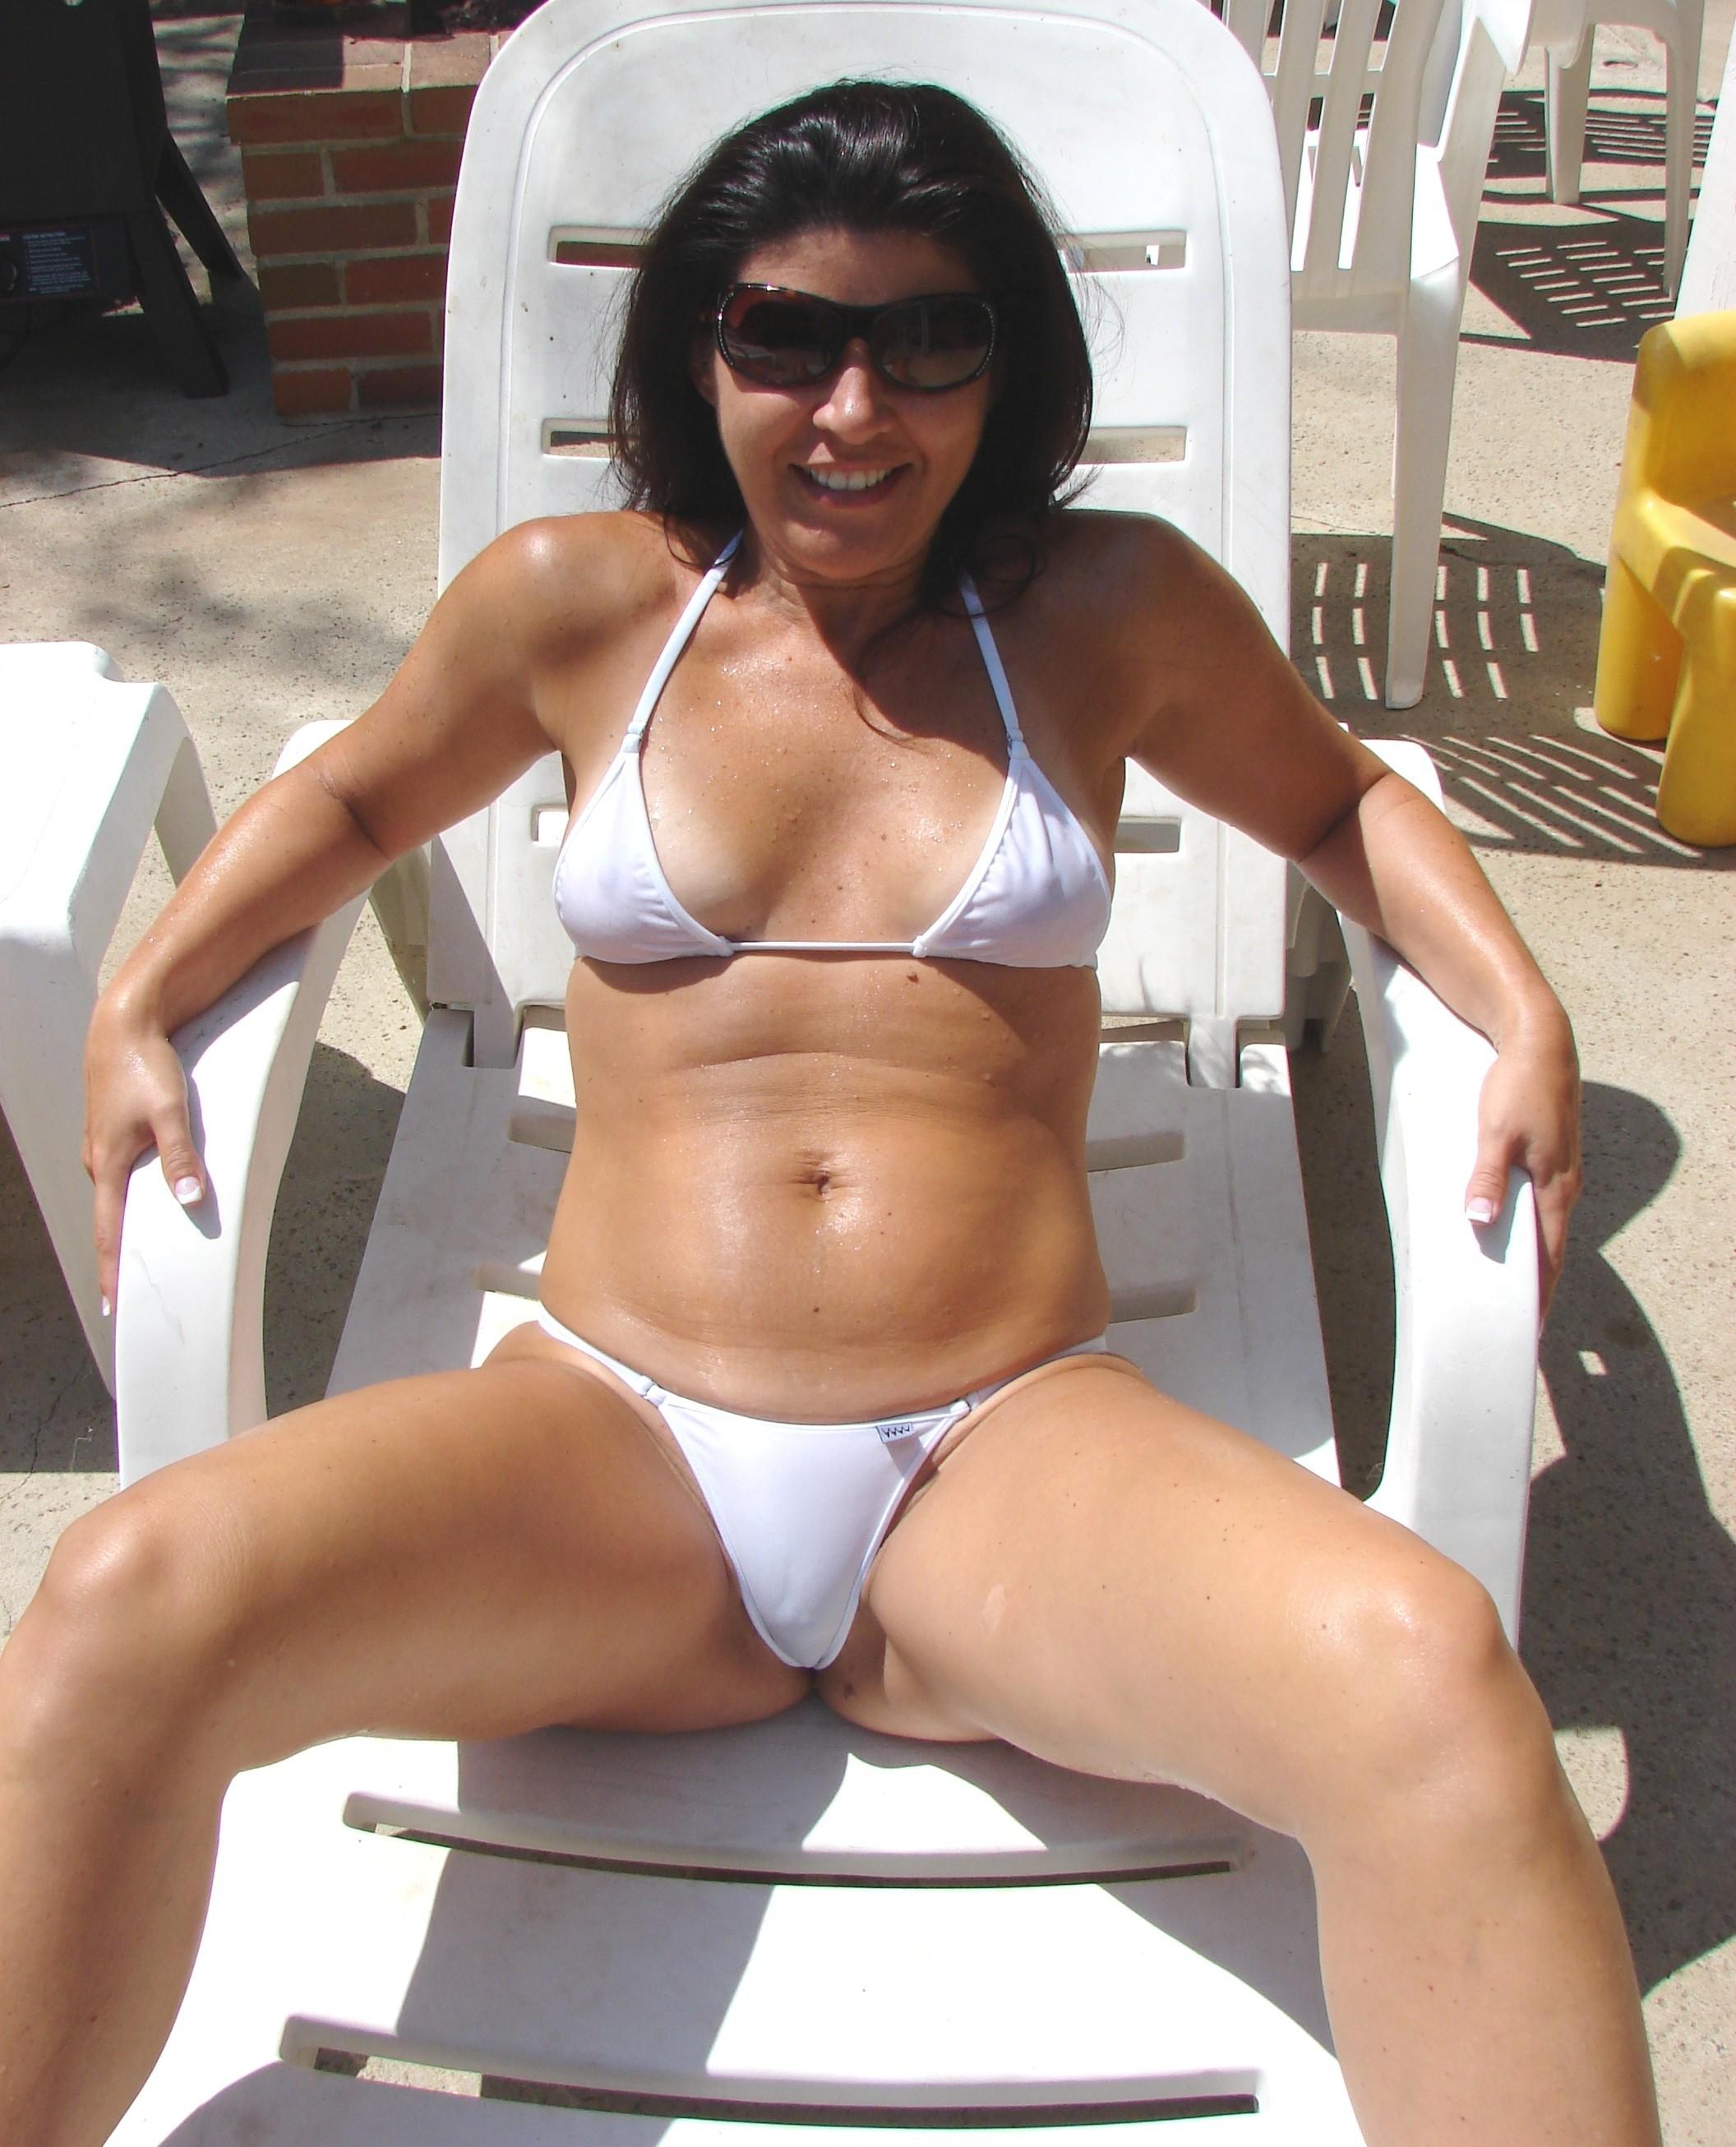 milf spread eagle by the pool in a seethrough bikini